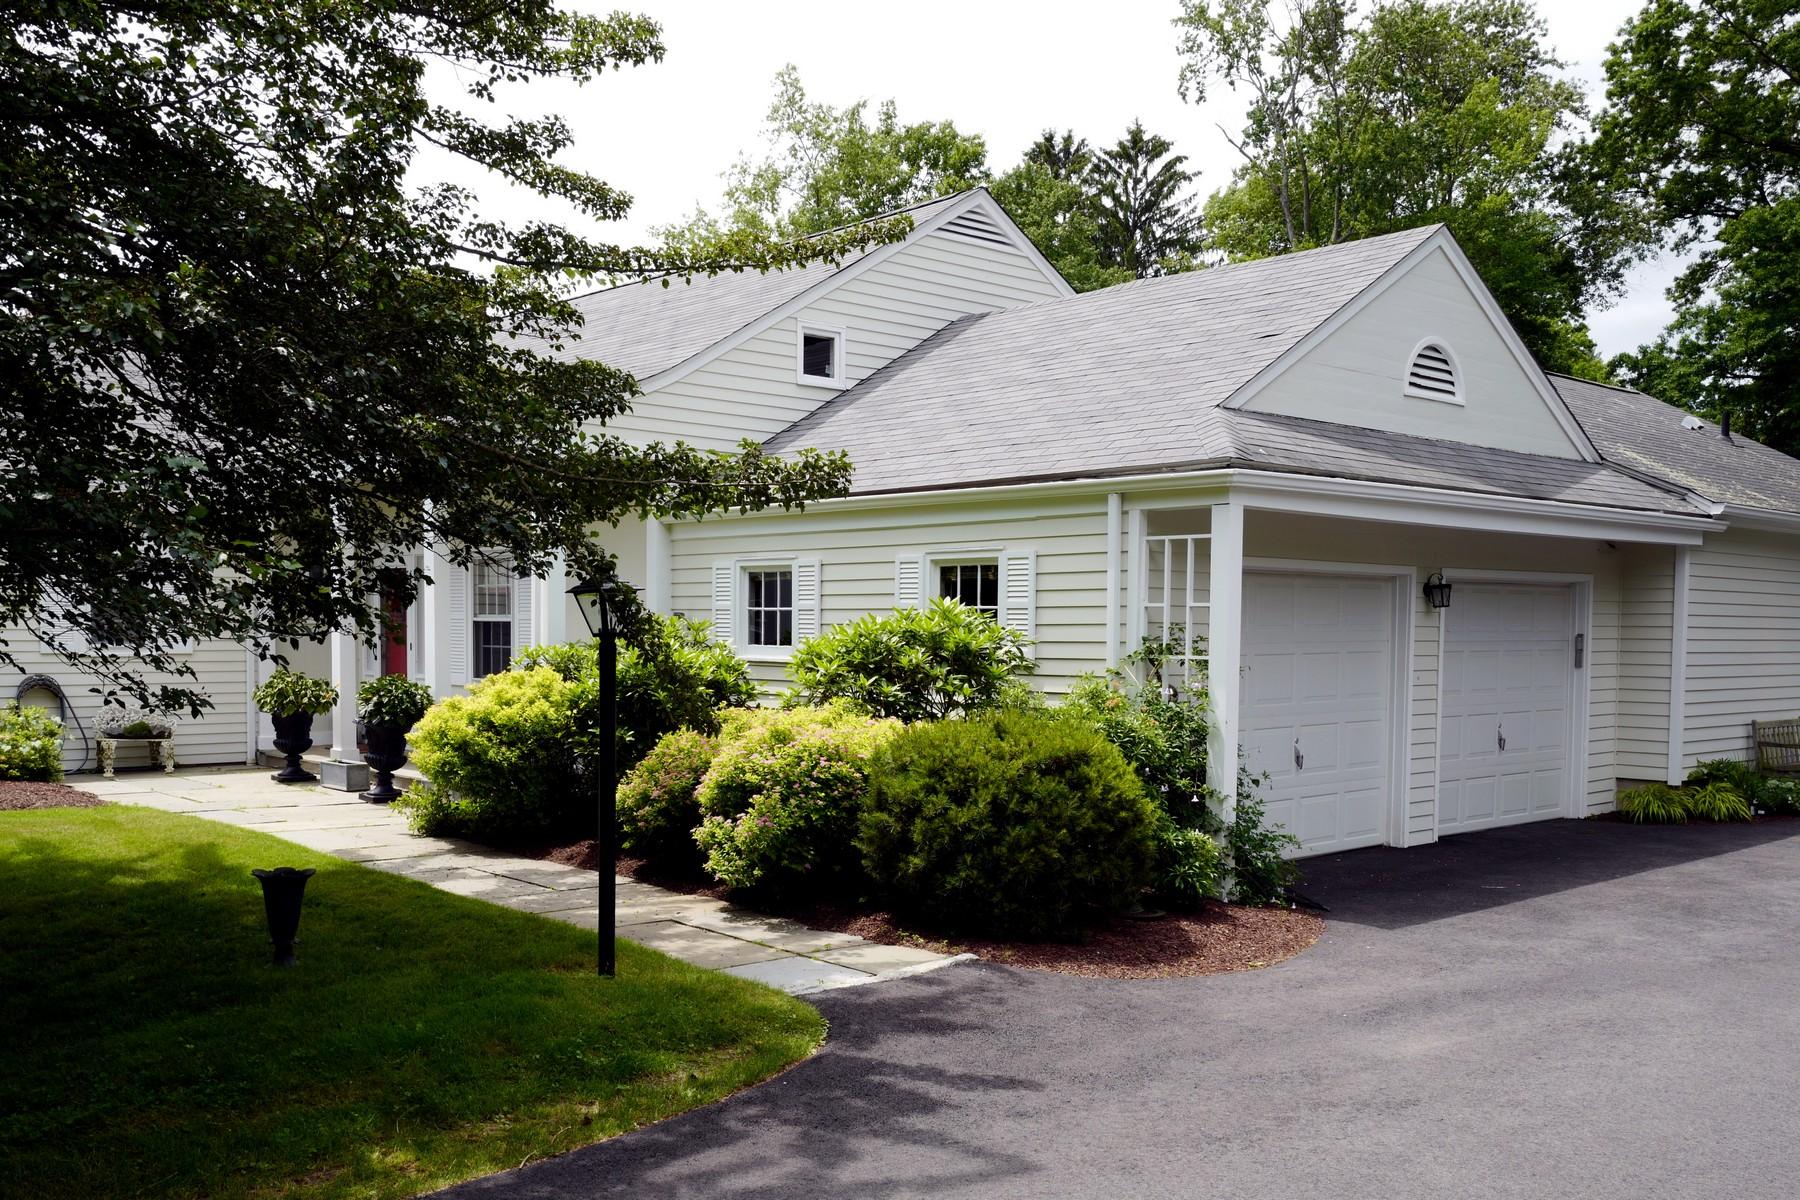 Casa Unifamiliar por un Venta en VERNA FIELD 65 Verna Field Drive Fairfield, Connecticut, 06824 Estados Unidos